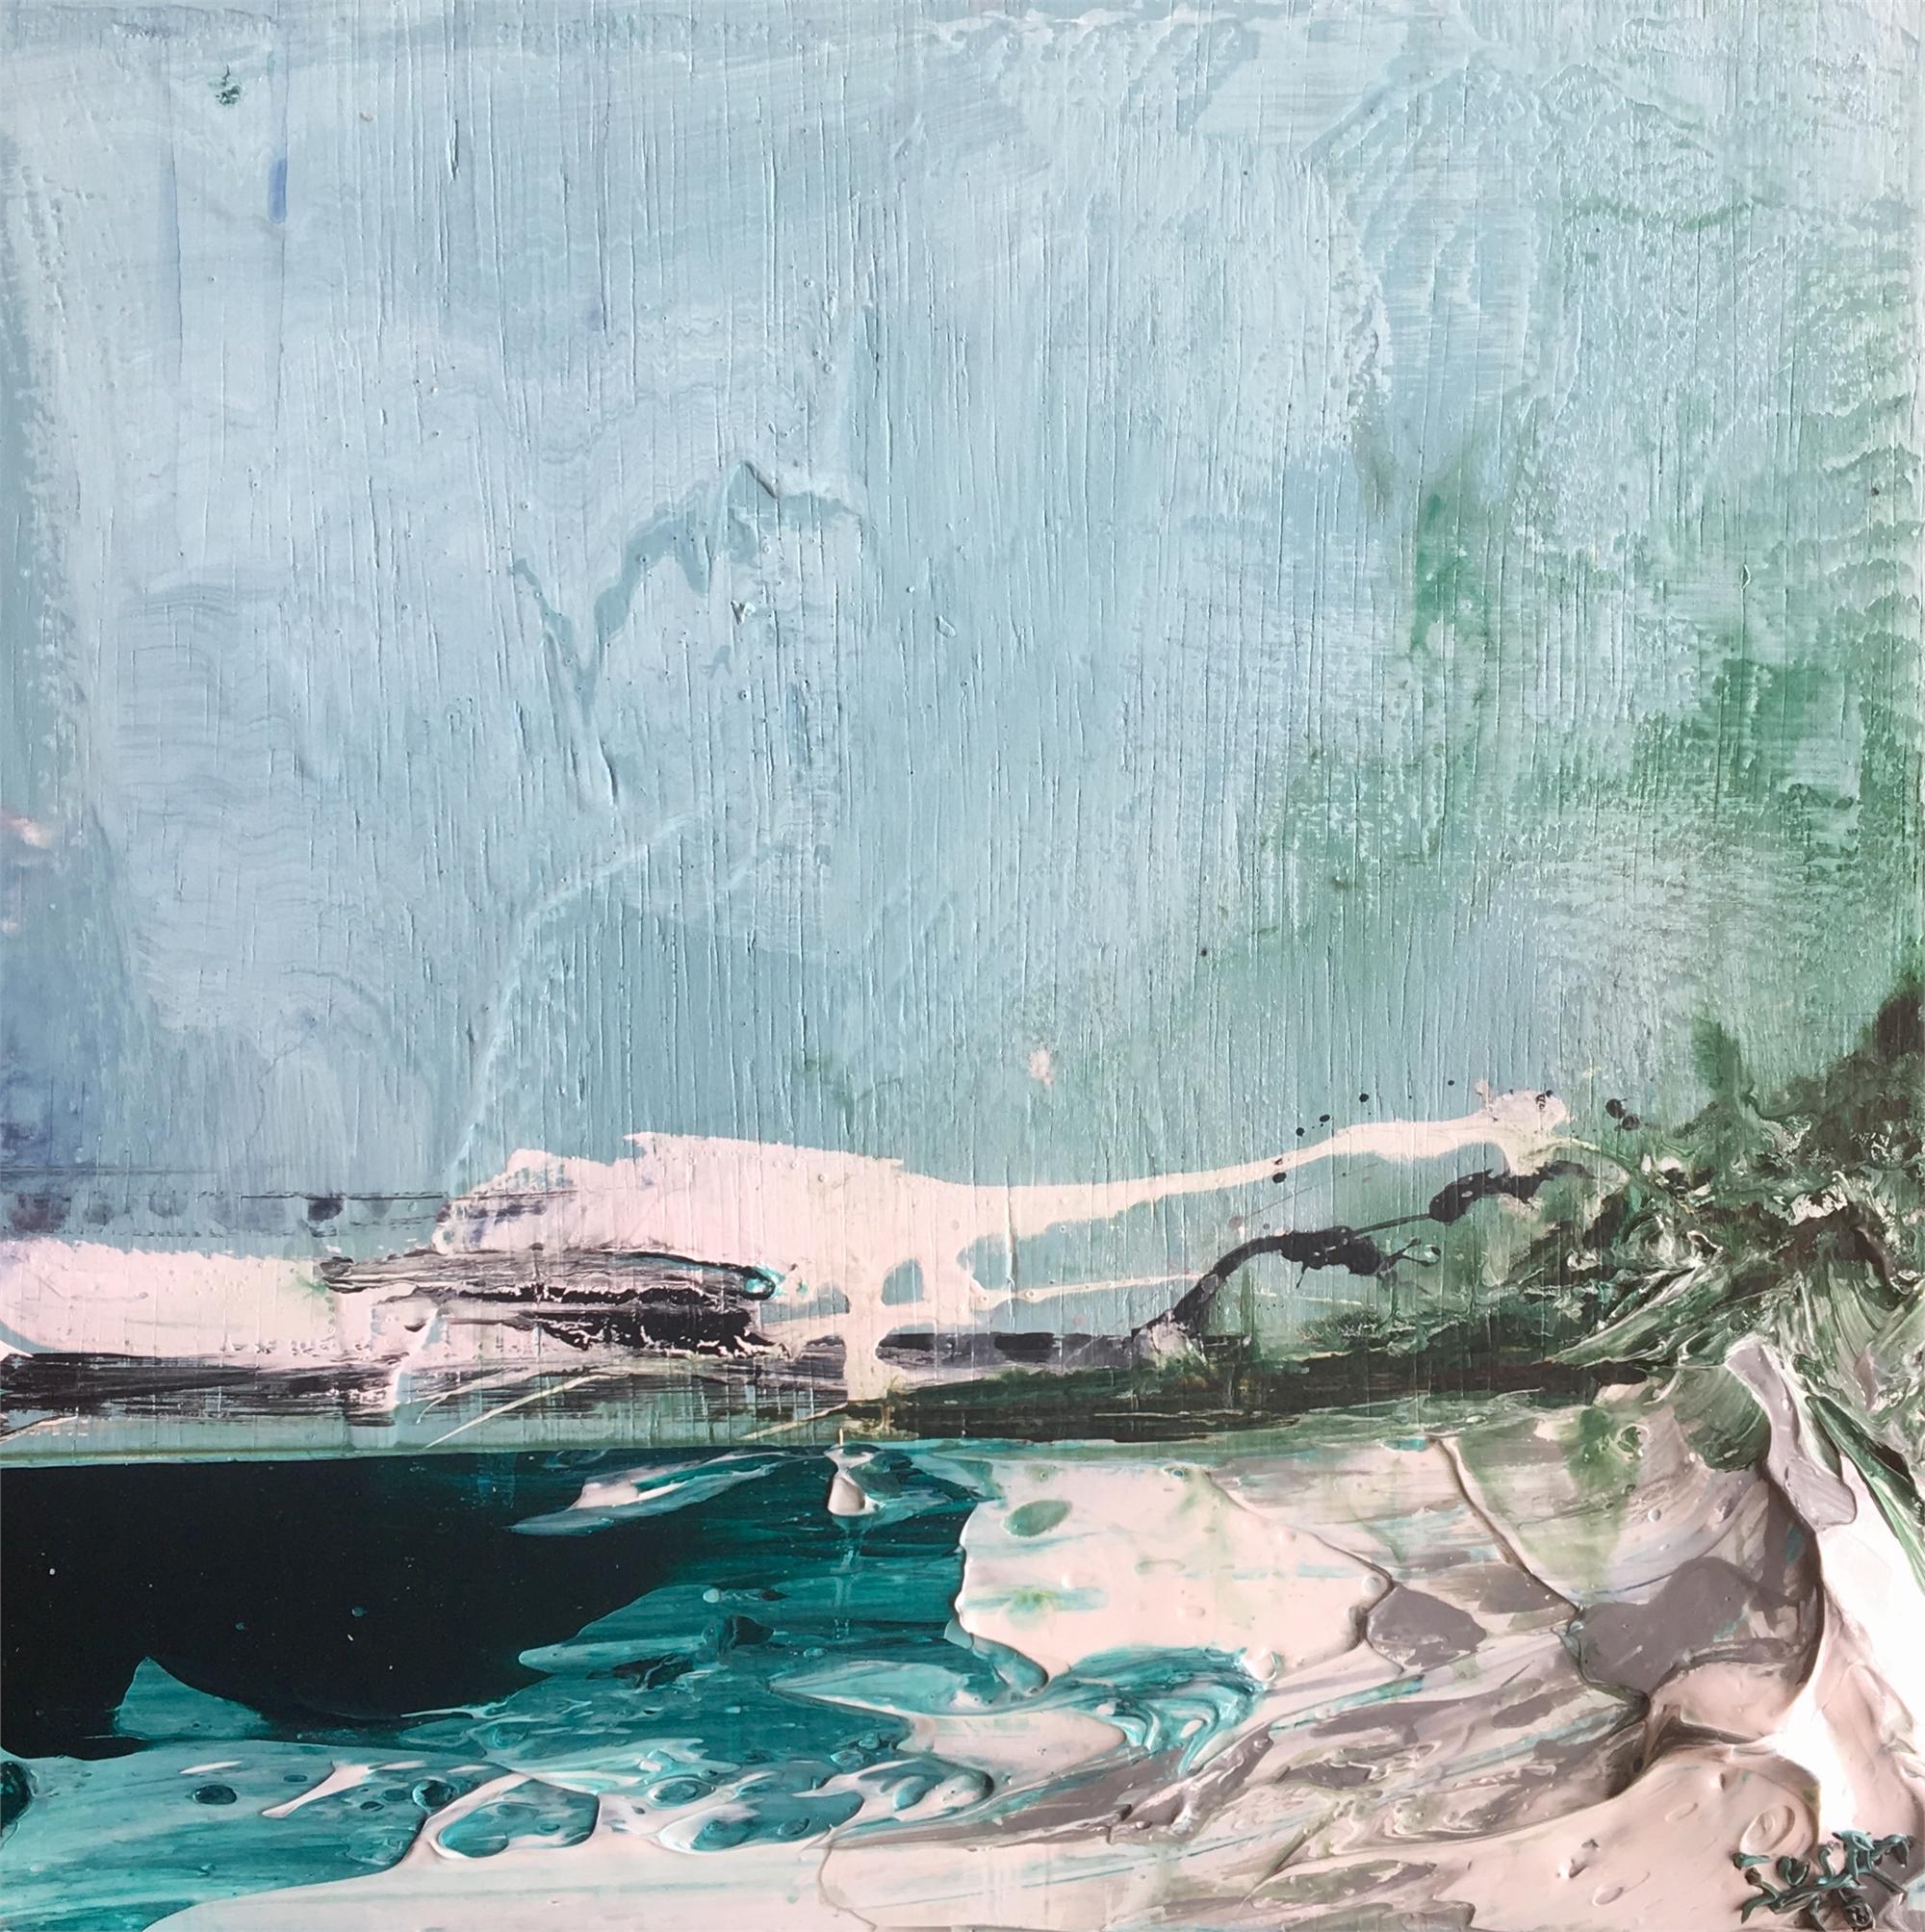 SEASCAPE SS12X12-2018-032 by Justin Gaffrey